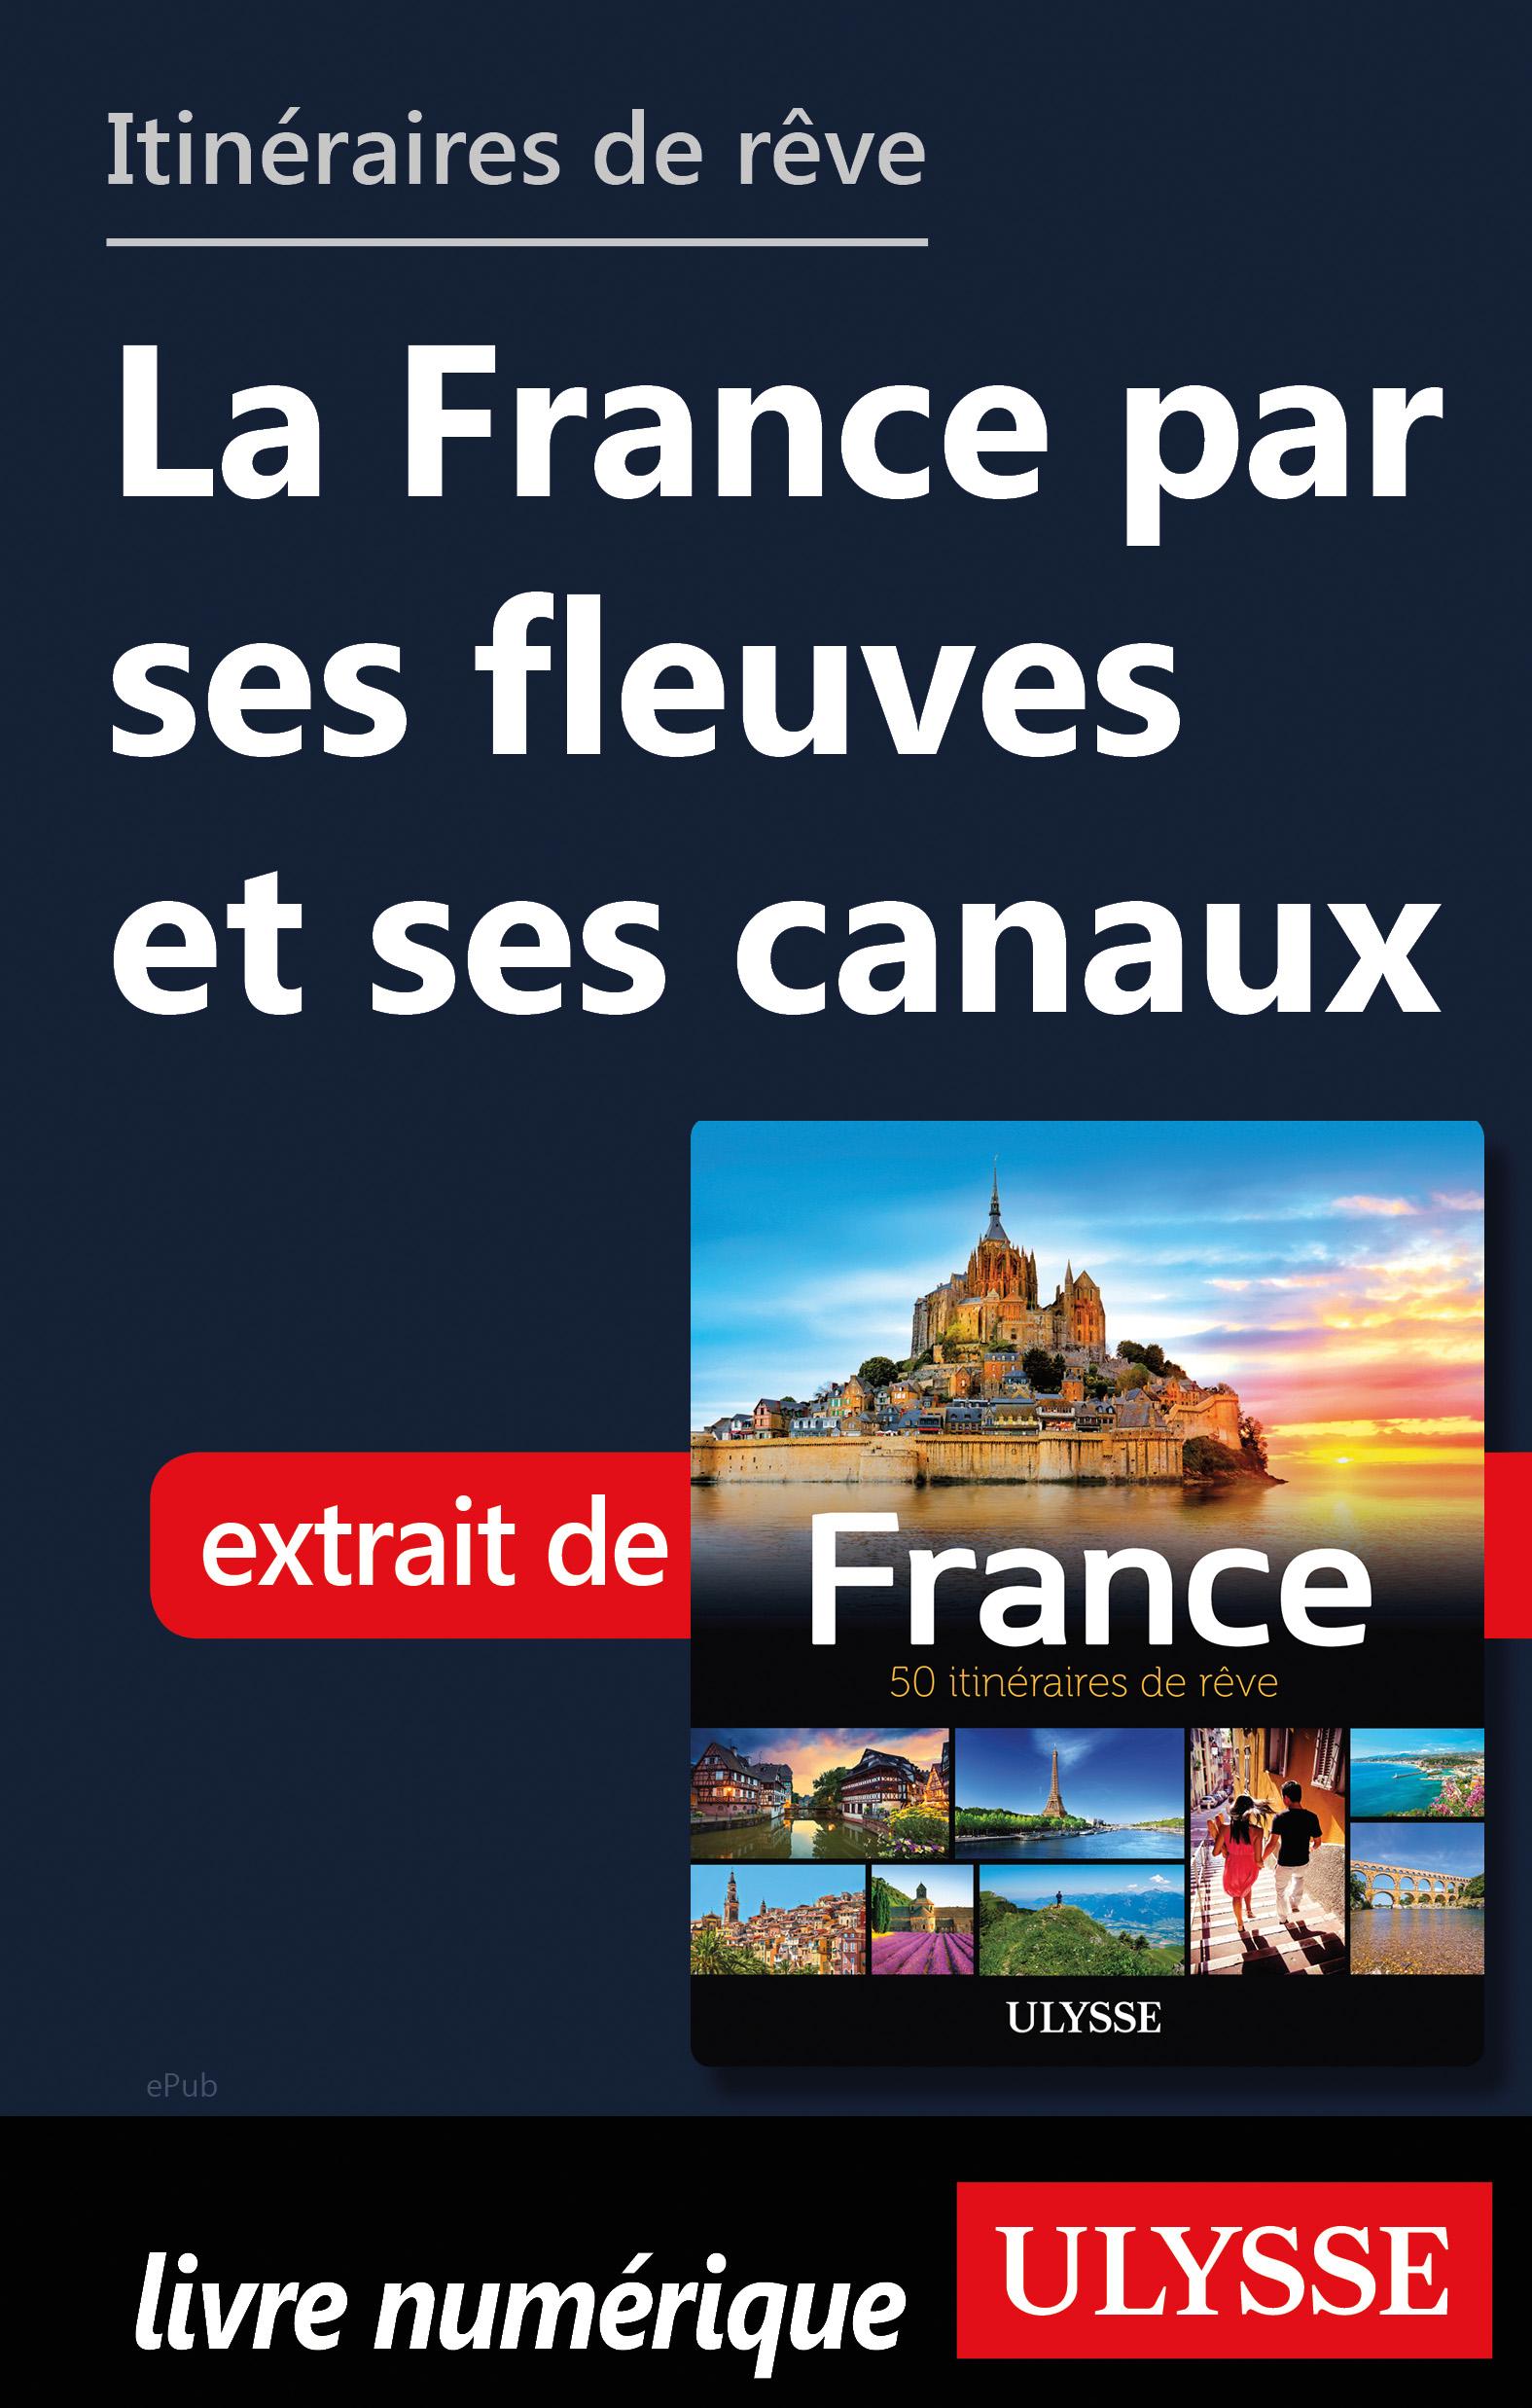 Itinéraires de rêve - La France par fleuves et canaux